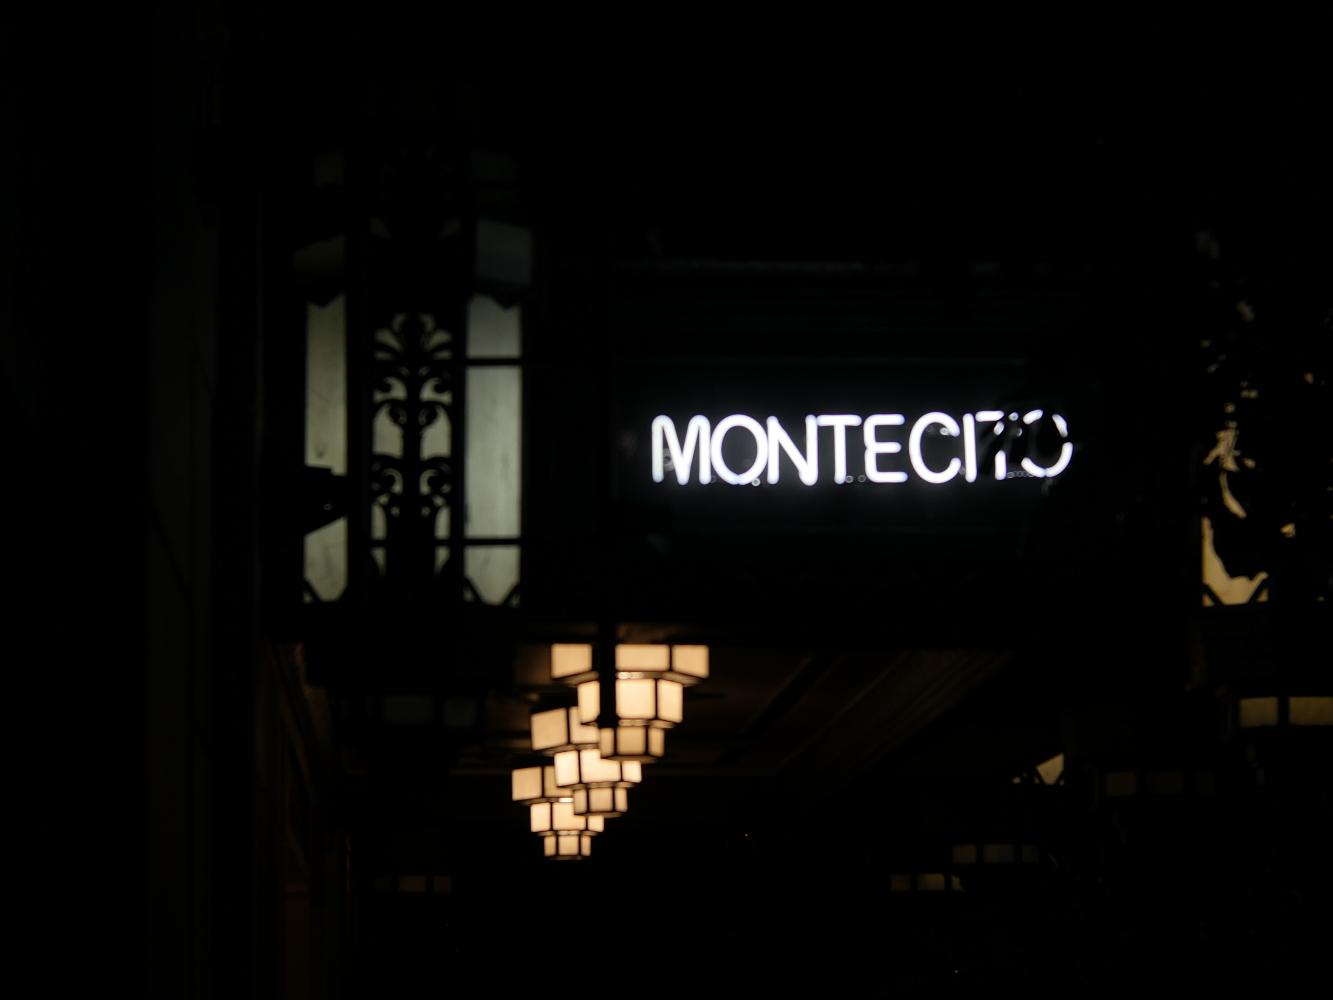 Montecitosm